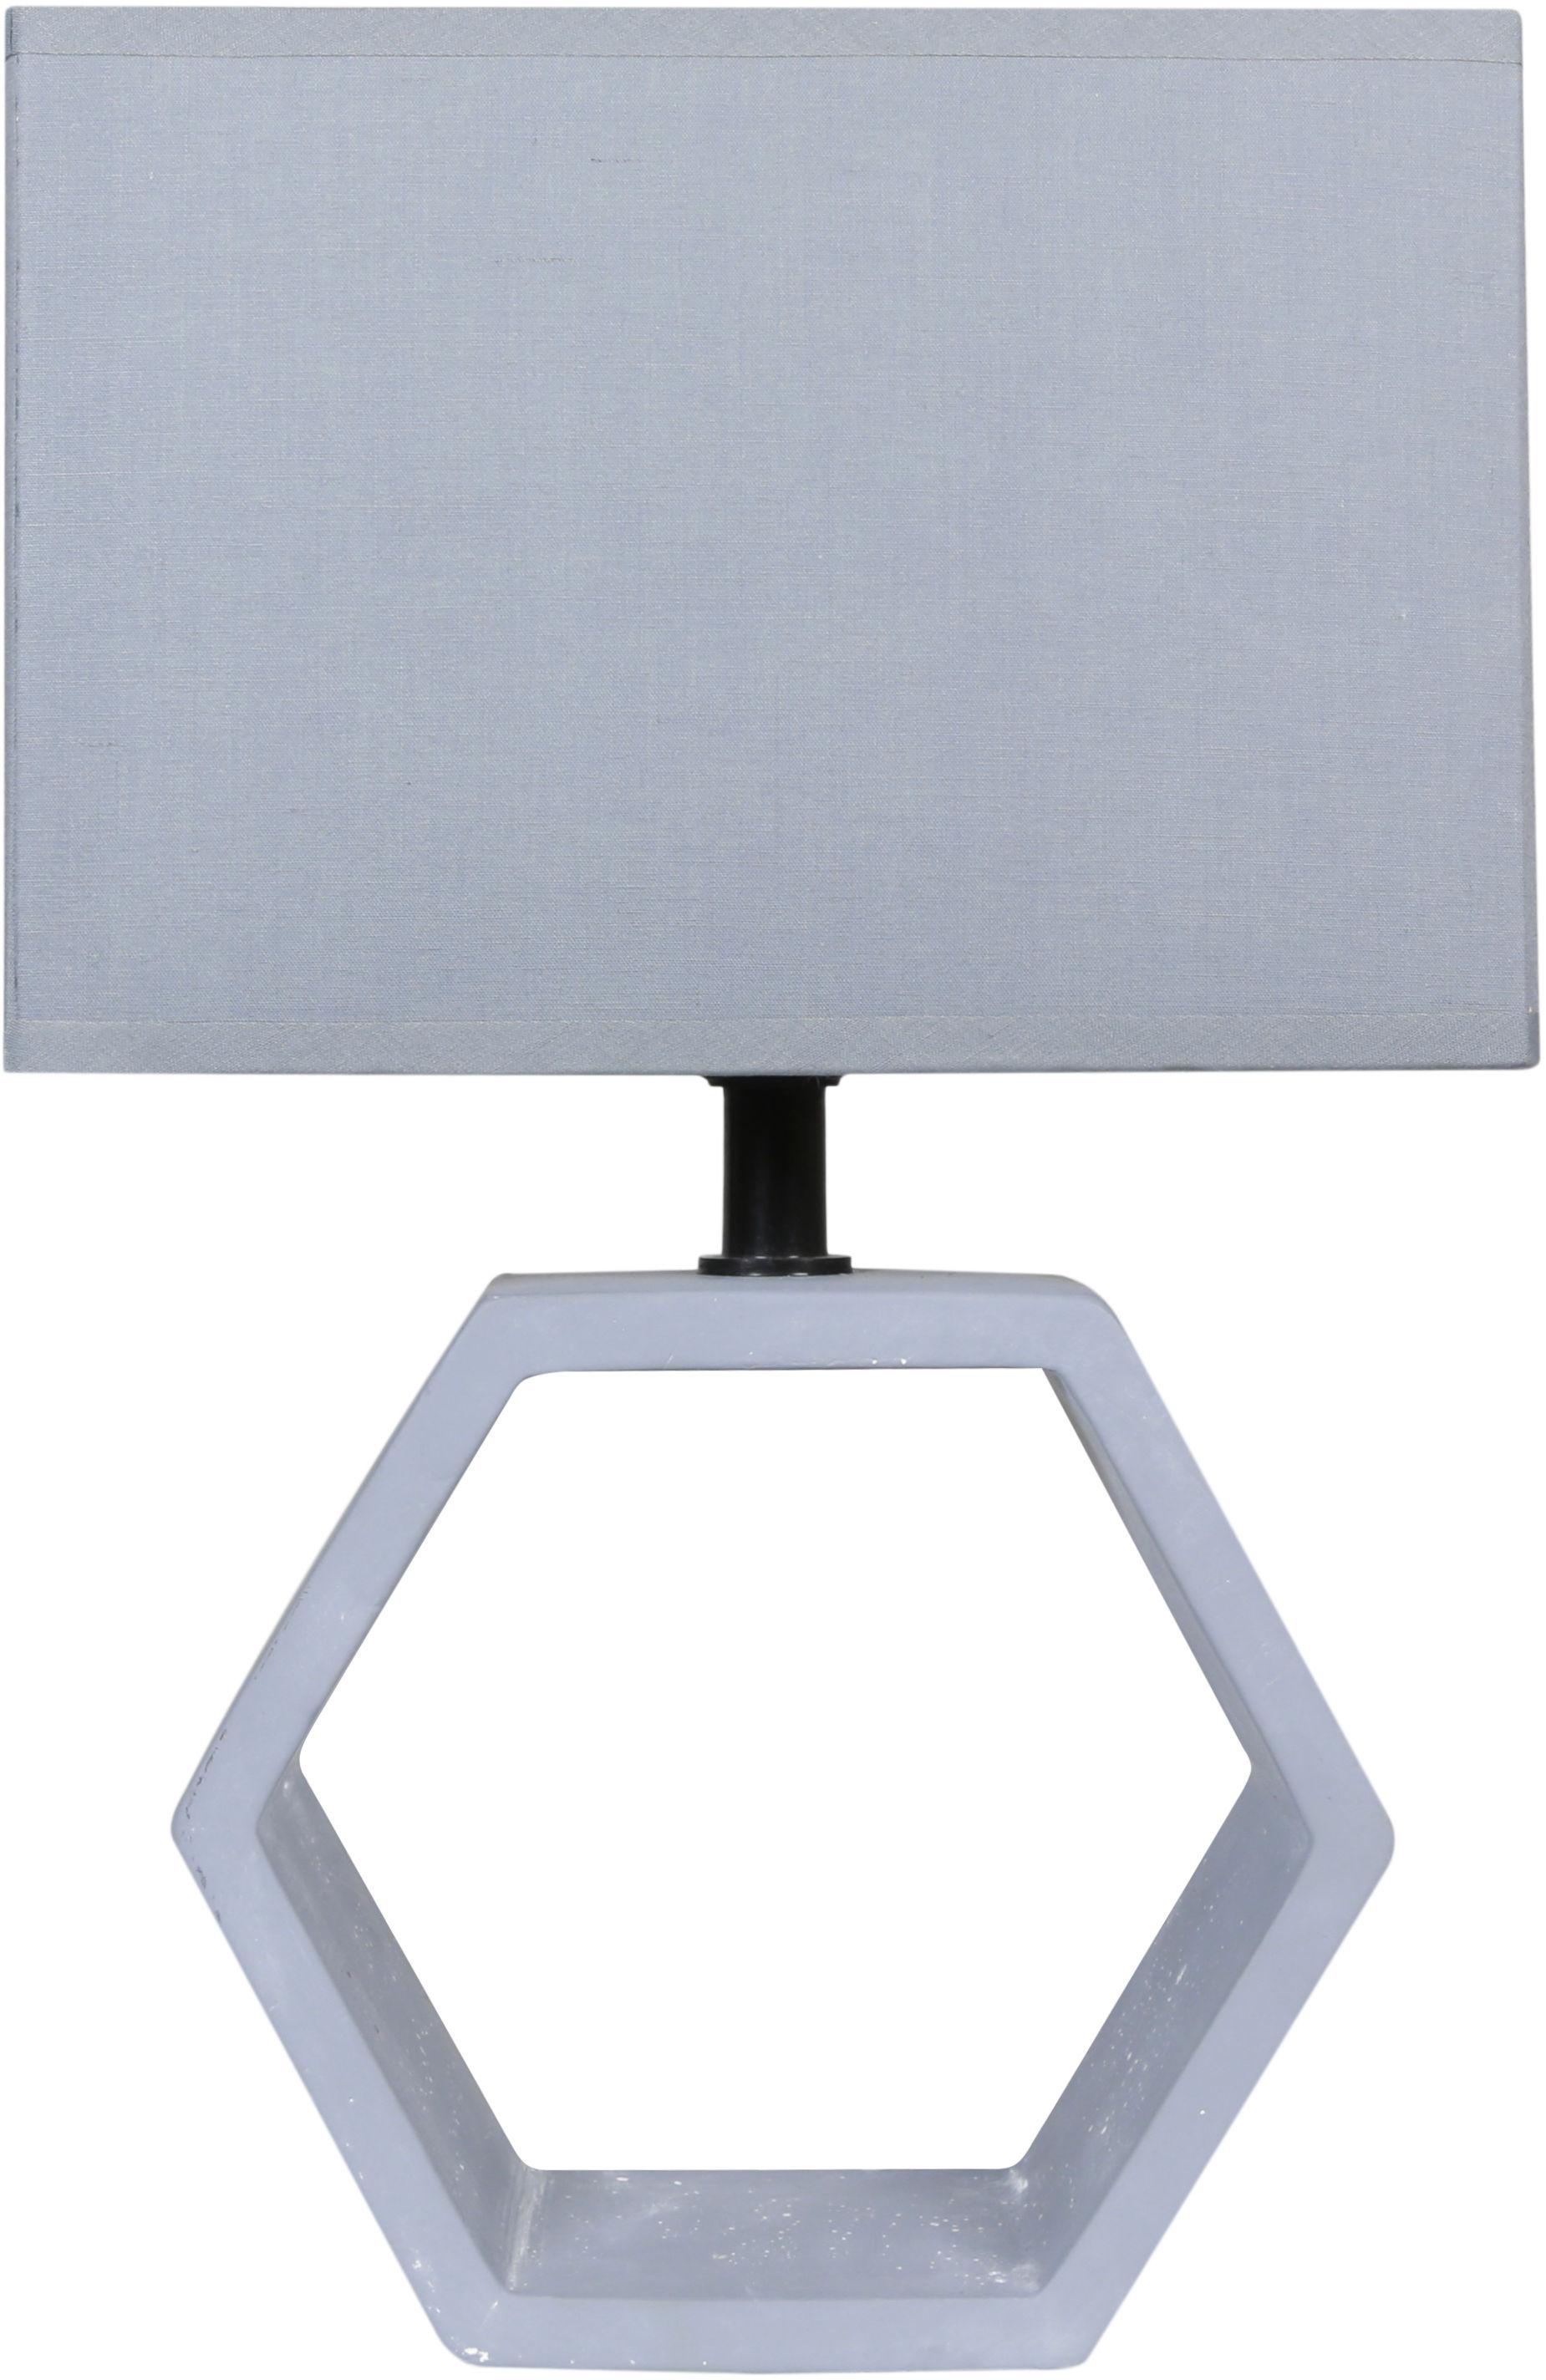 Candellux VIDAL 41-68552 lampa stołowa abażur grafitowy 1X40W E27 masa gipsowa 35cm